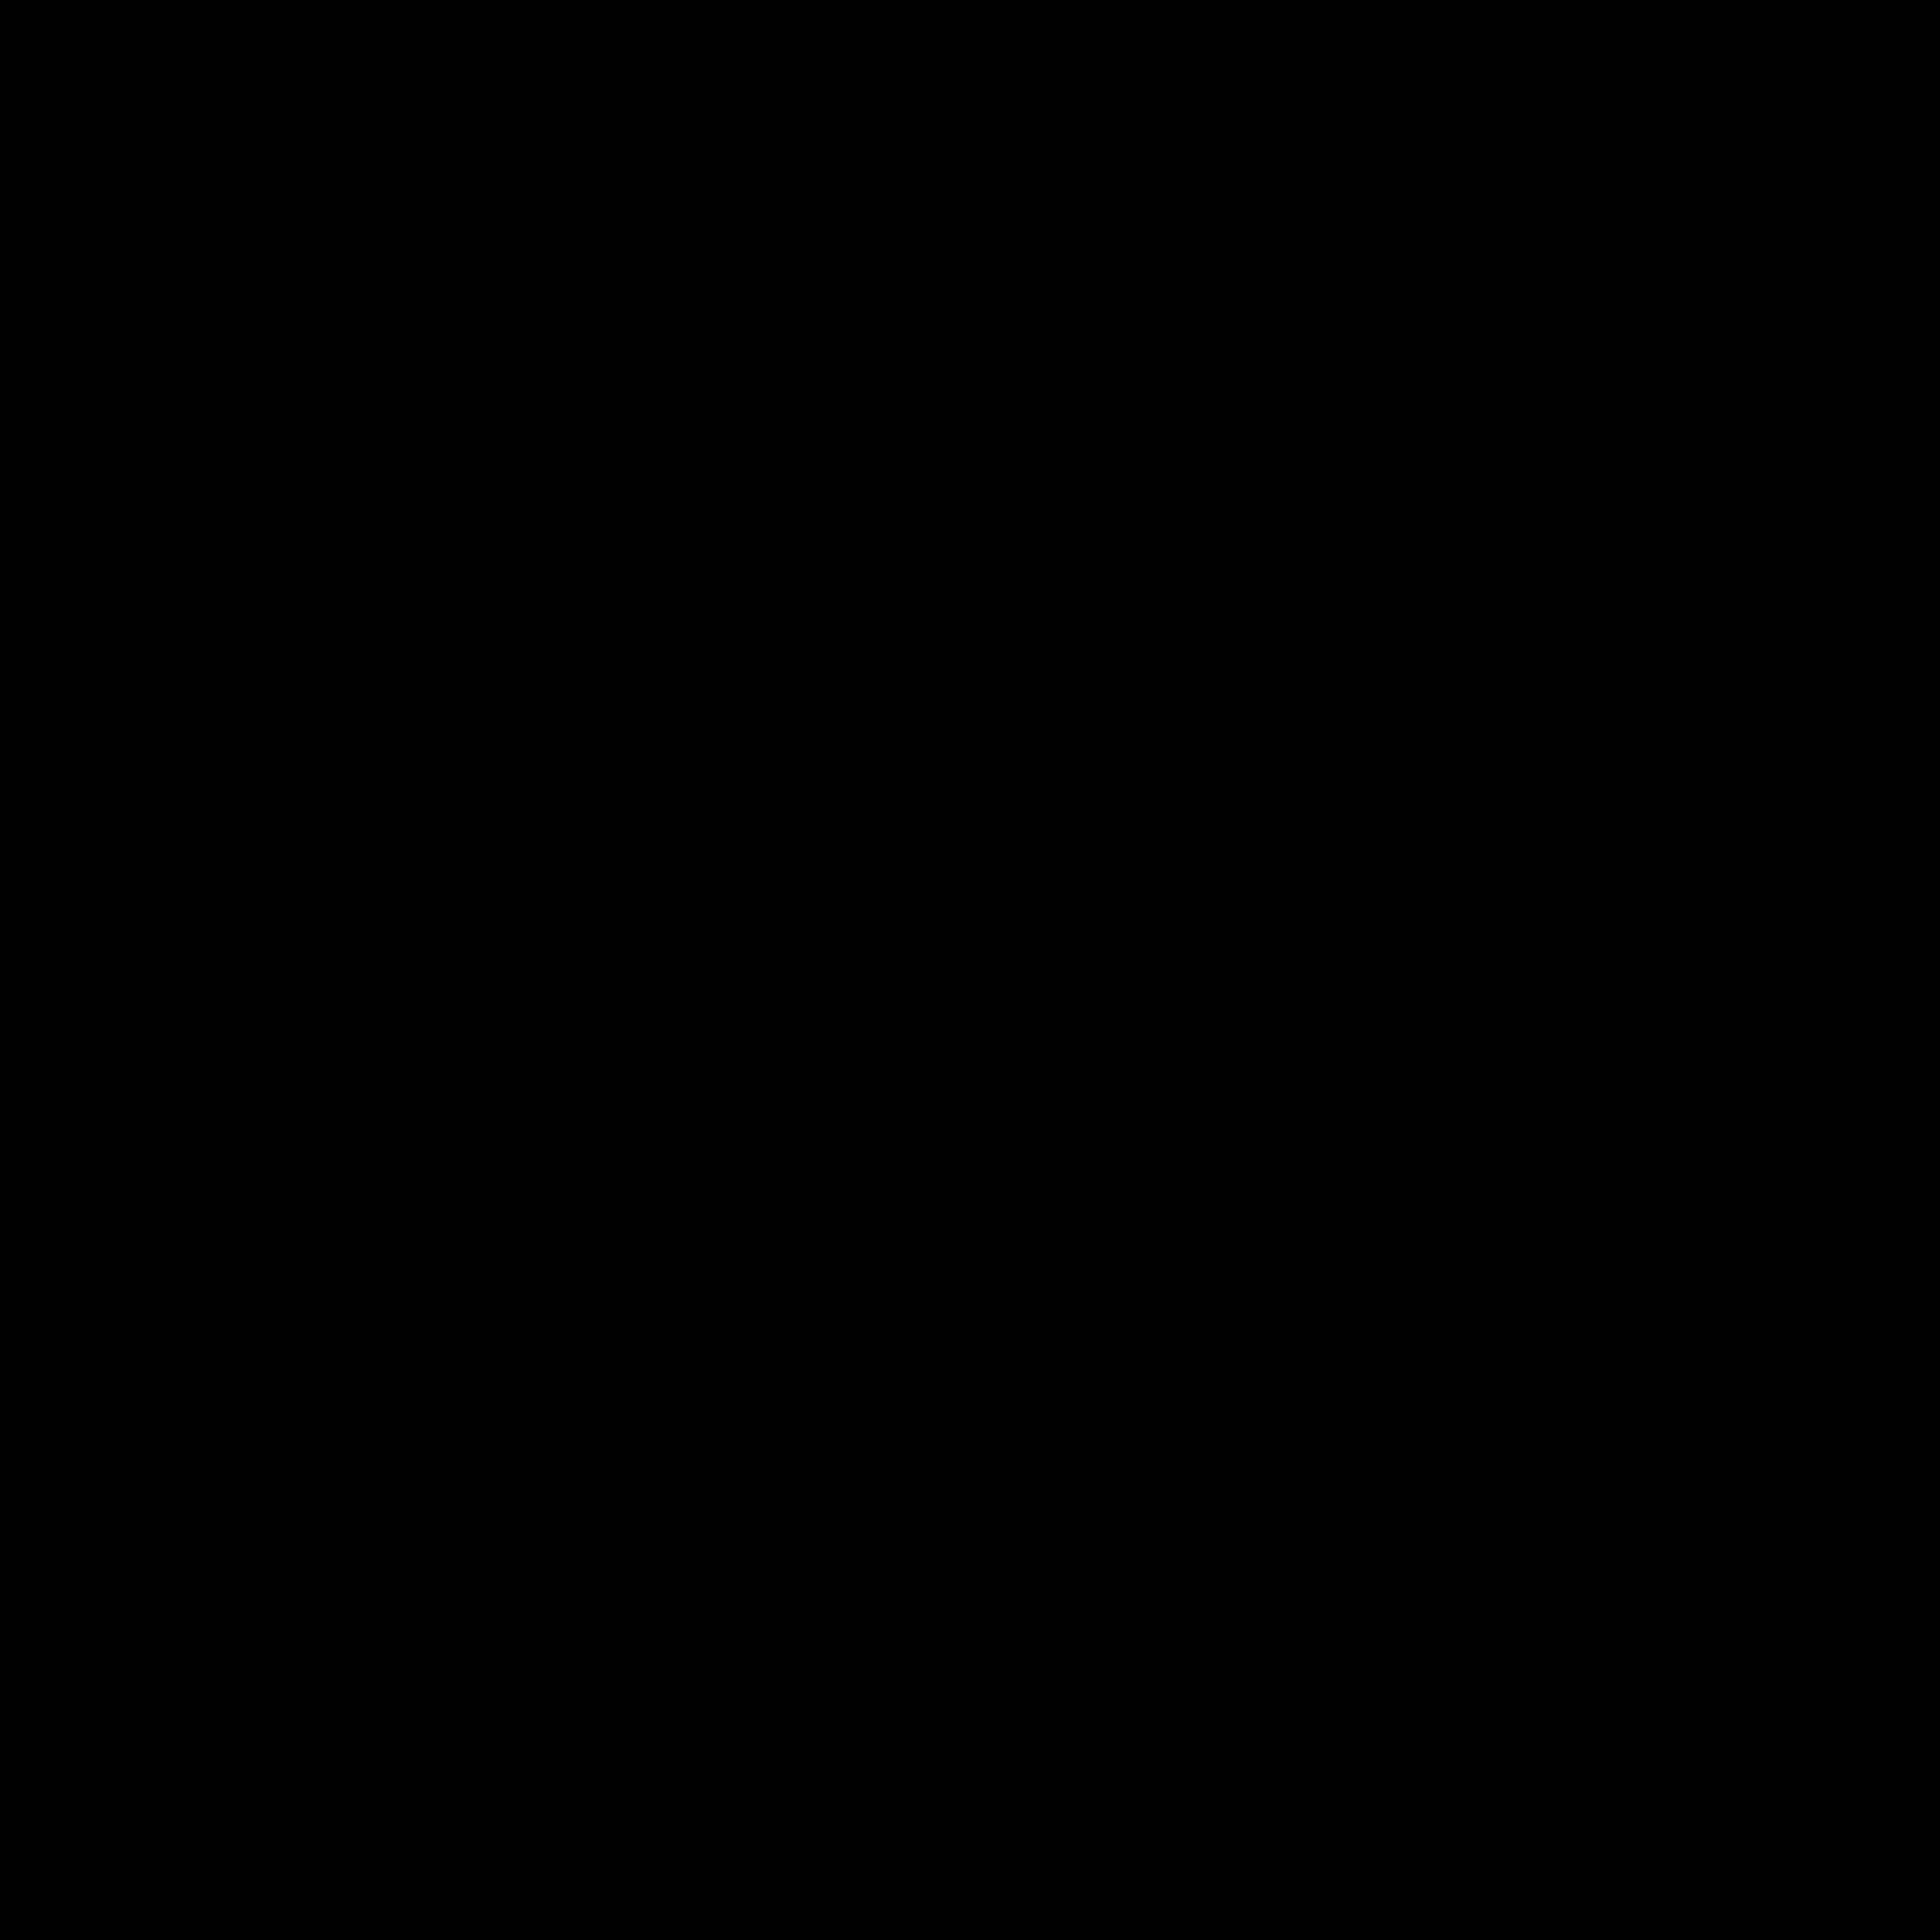 Vild Nord Collagen Clean Protein